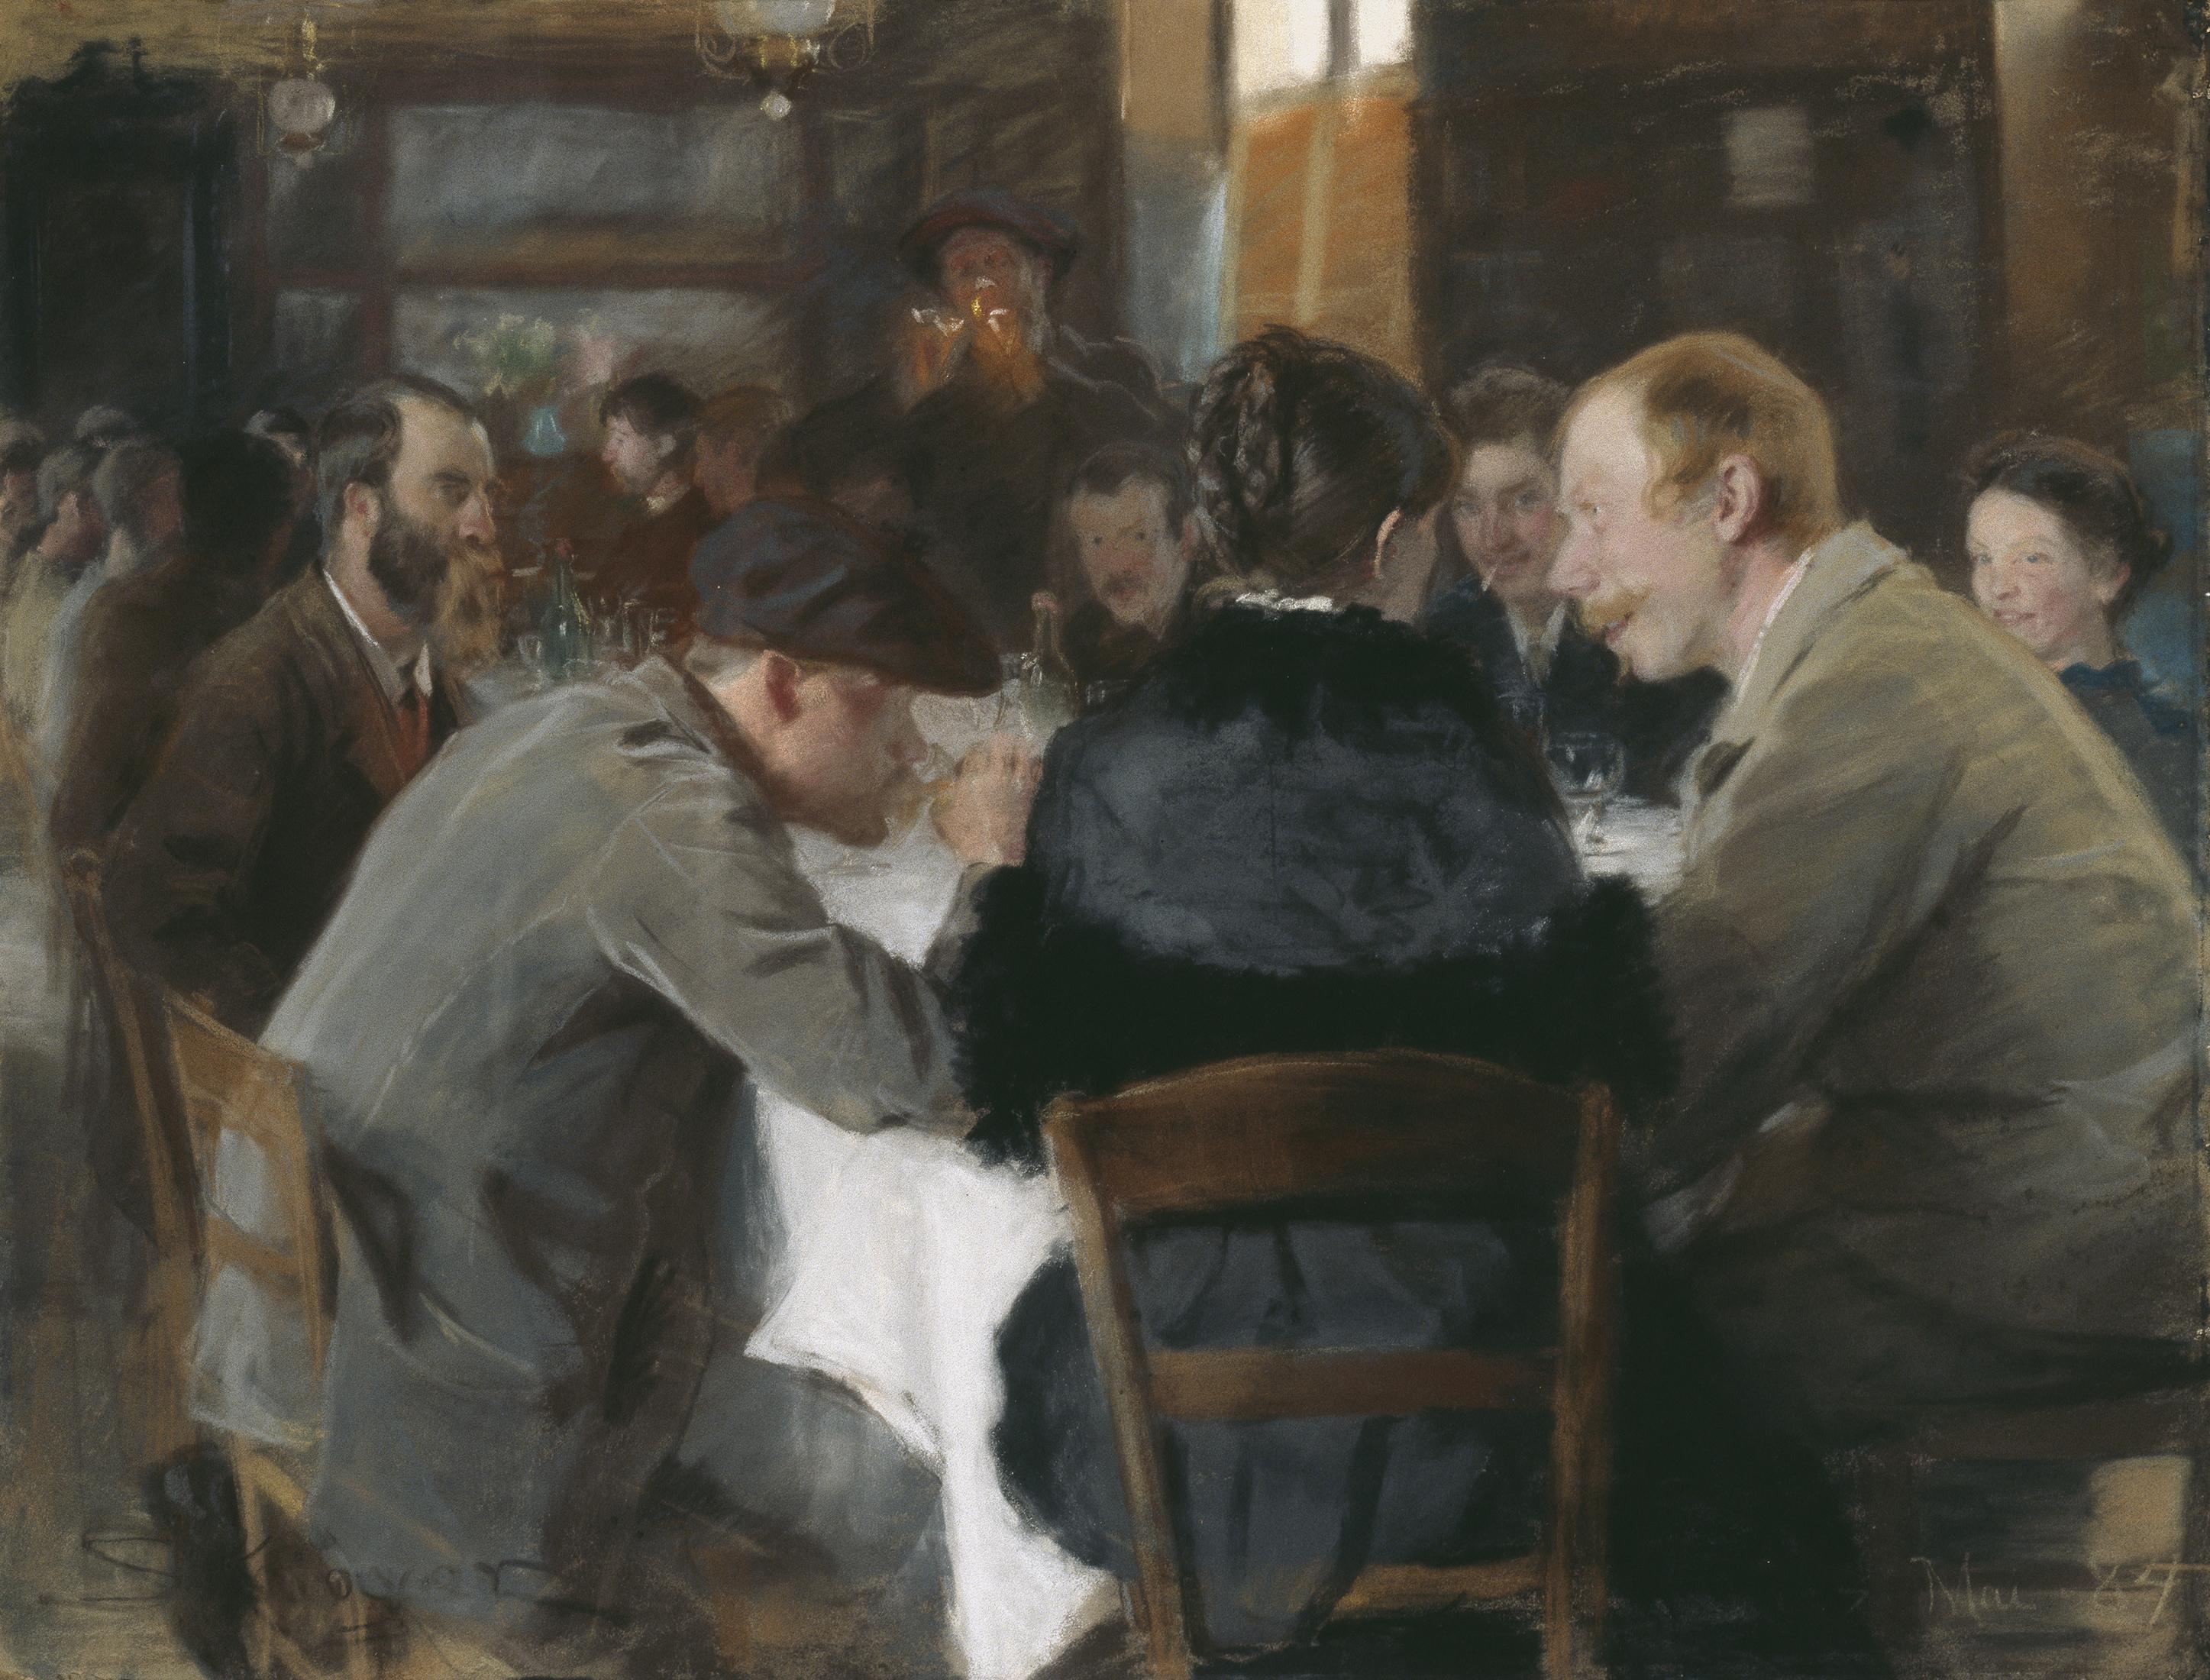 Peder Severin Krøyer, Konstnärsfrukost, 1884. Pastell på papper. Foto: Prins Eugens Waldemarsudde.